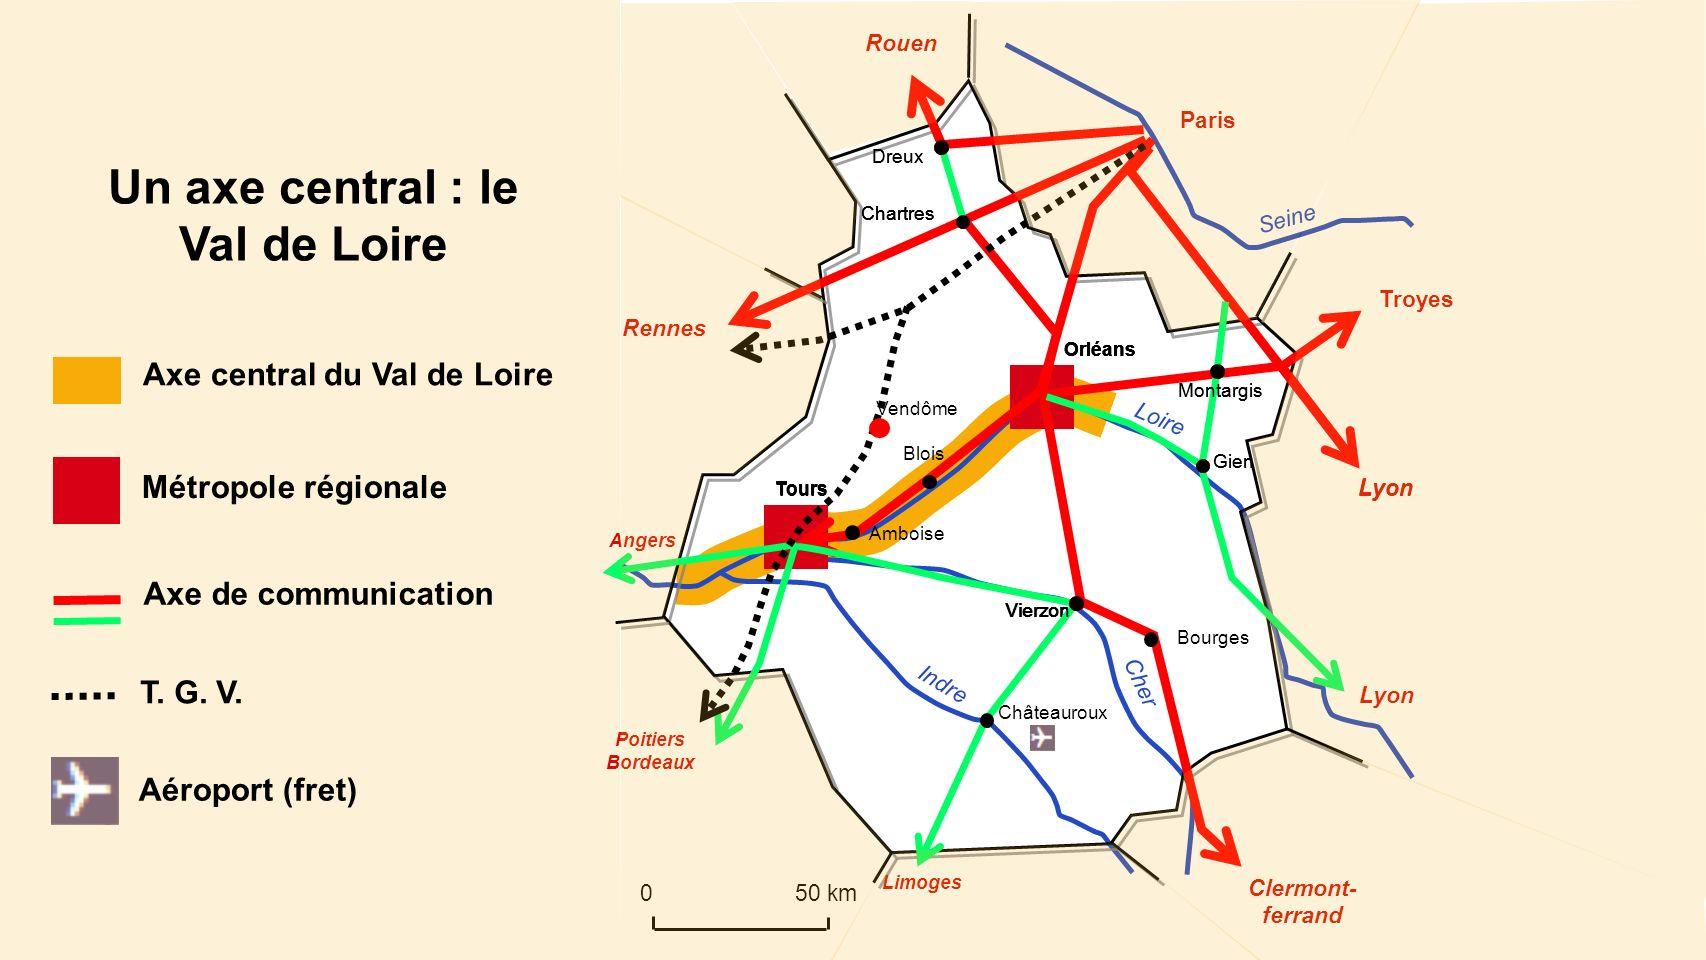 Lyon Chartres Loire Cher Indre Seine Orléans Tours Paris Rouen Dreux Rennes Orléans Tours Troyes Lyon Clermont- ferrand Montargis Vierzon Bourges Orlé